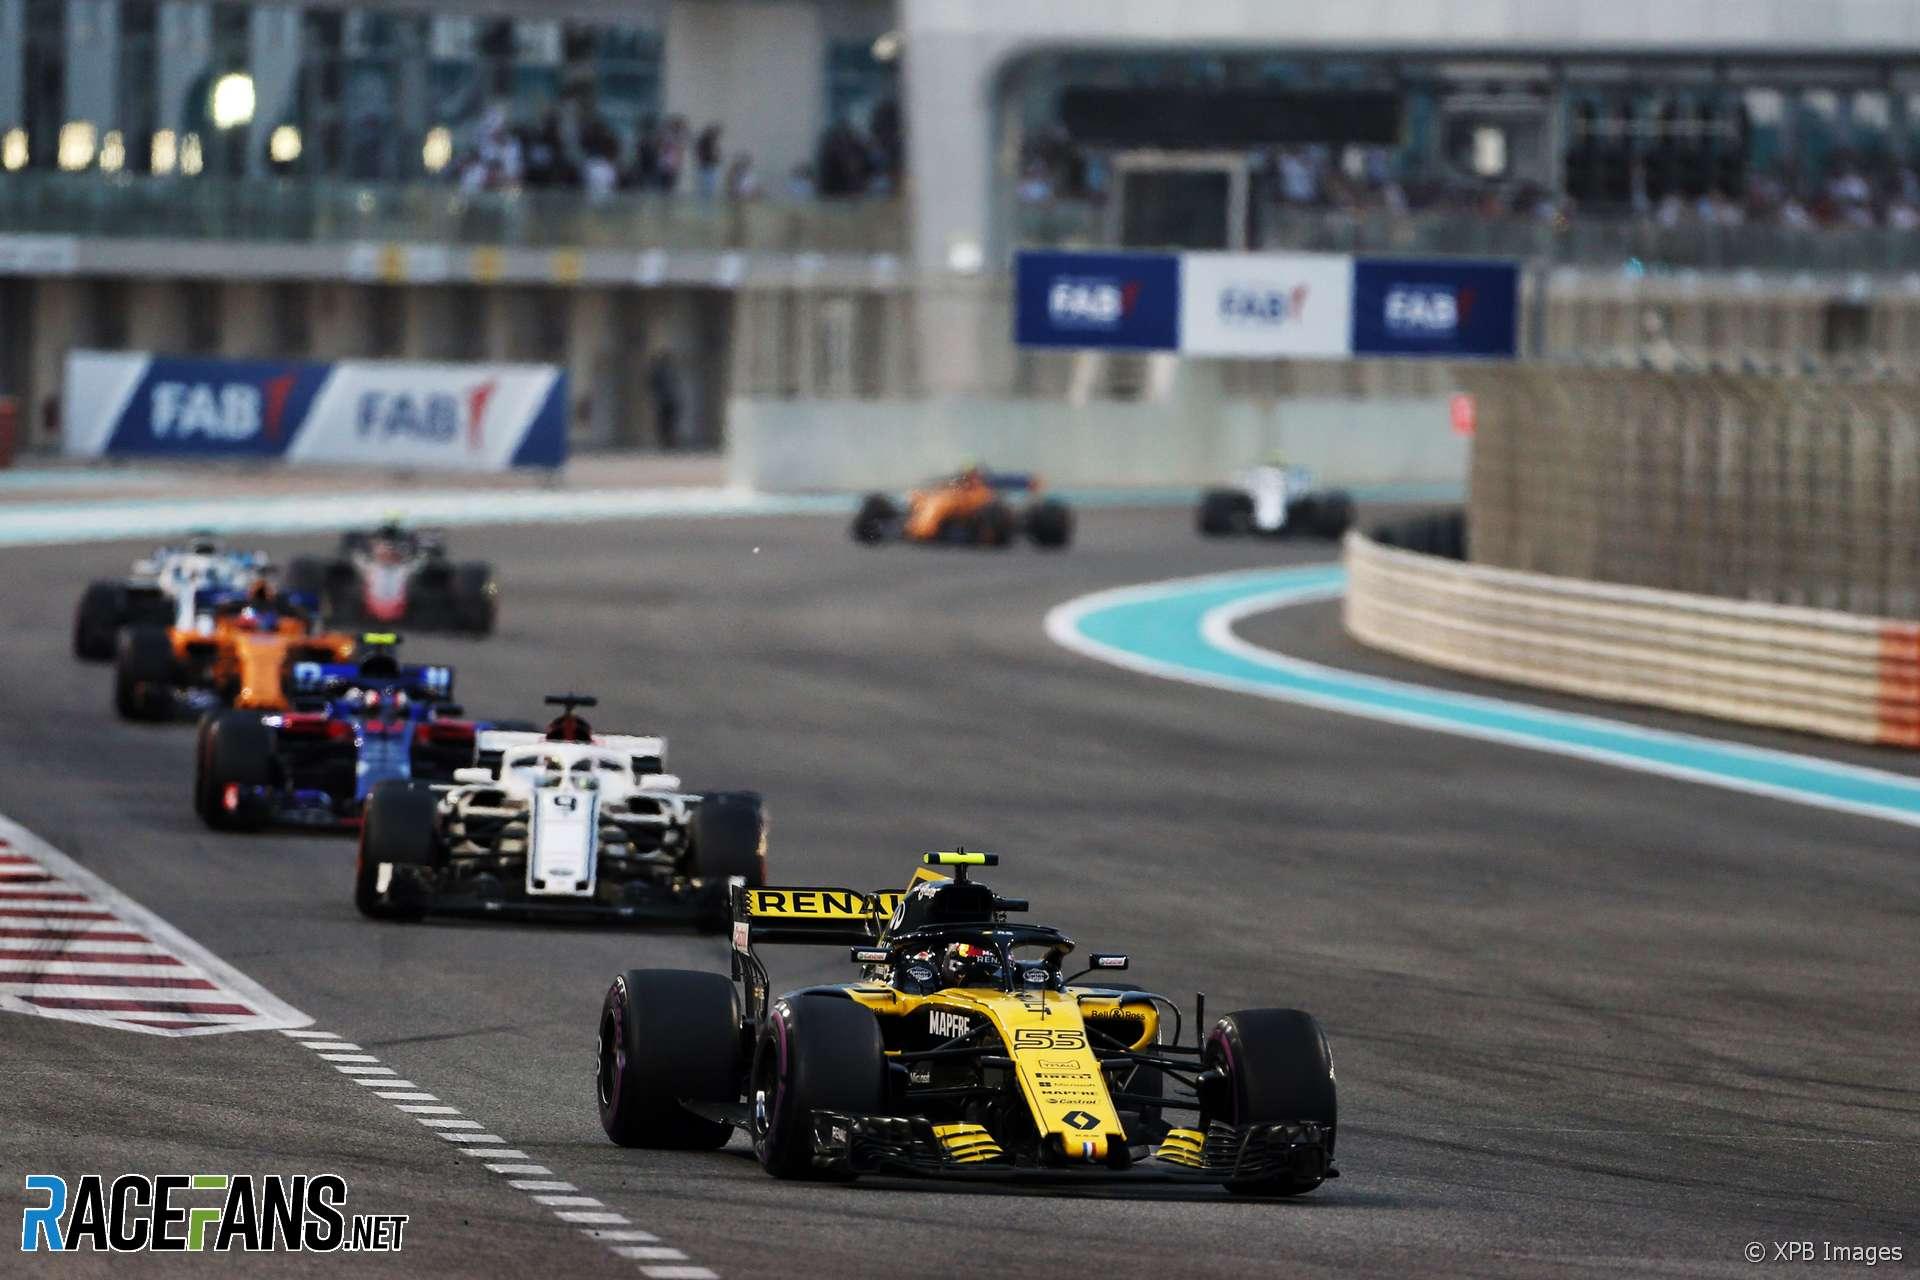 Carlos Sainz Jnr, Renault, Yas Marina, 2018